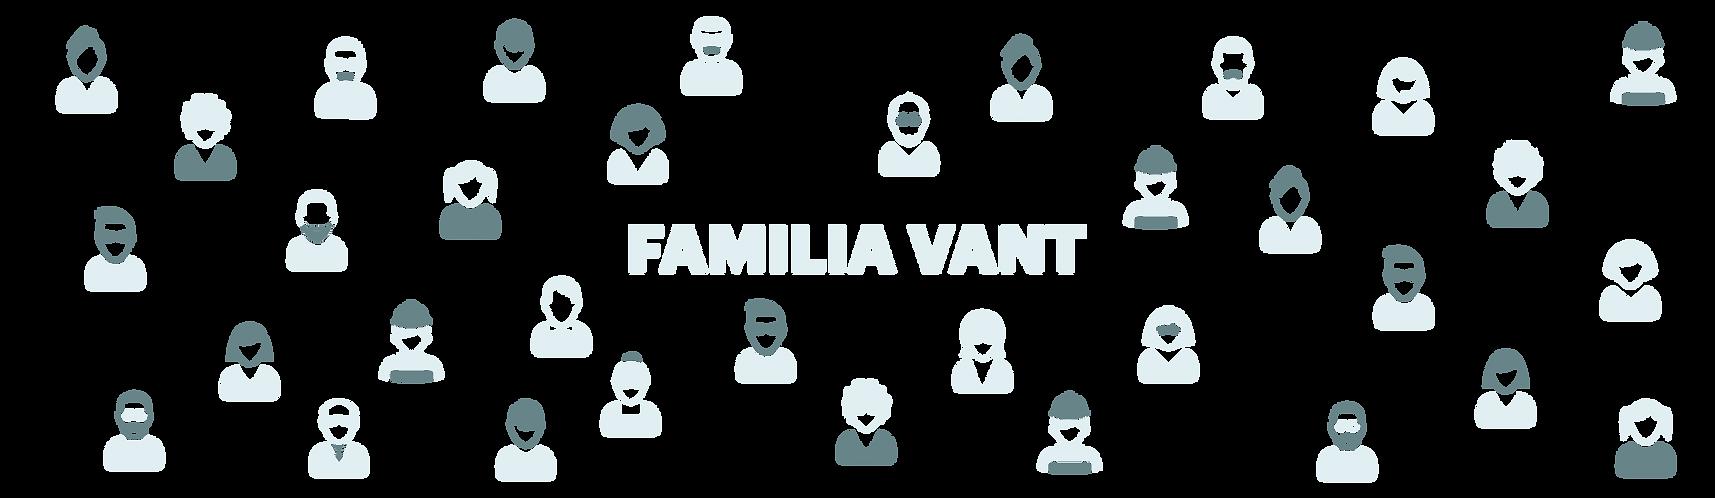 familiavant2-07.png